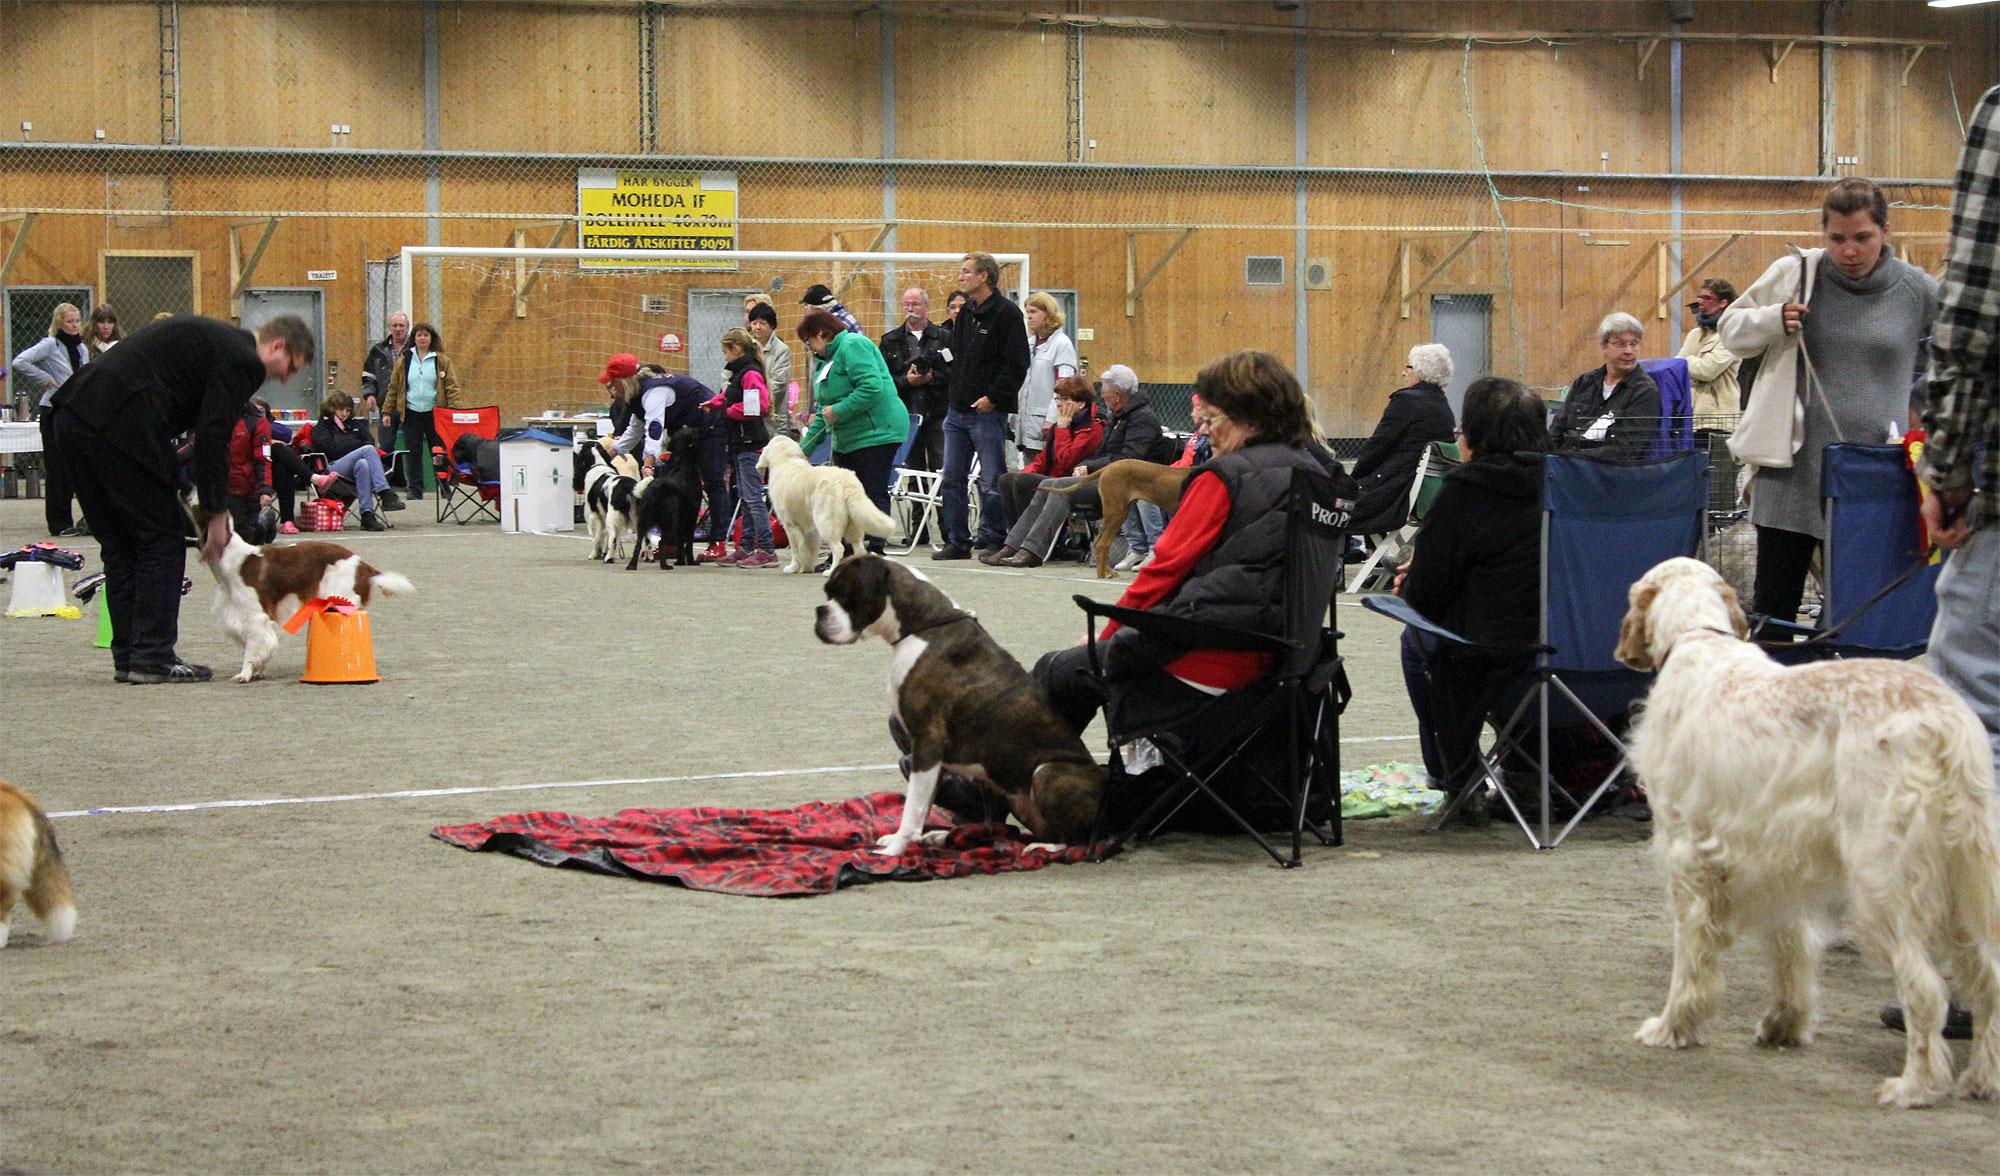 SvKK's dog show in Moheda. Photo: Kicki Svalin.